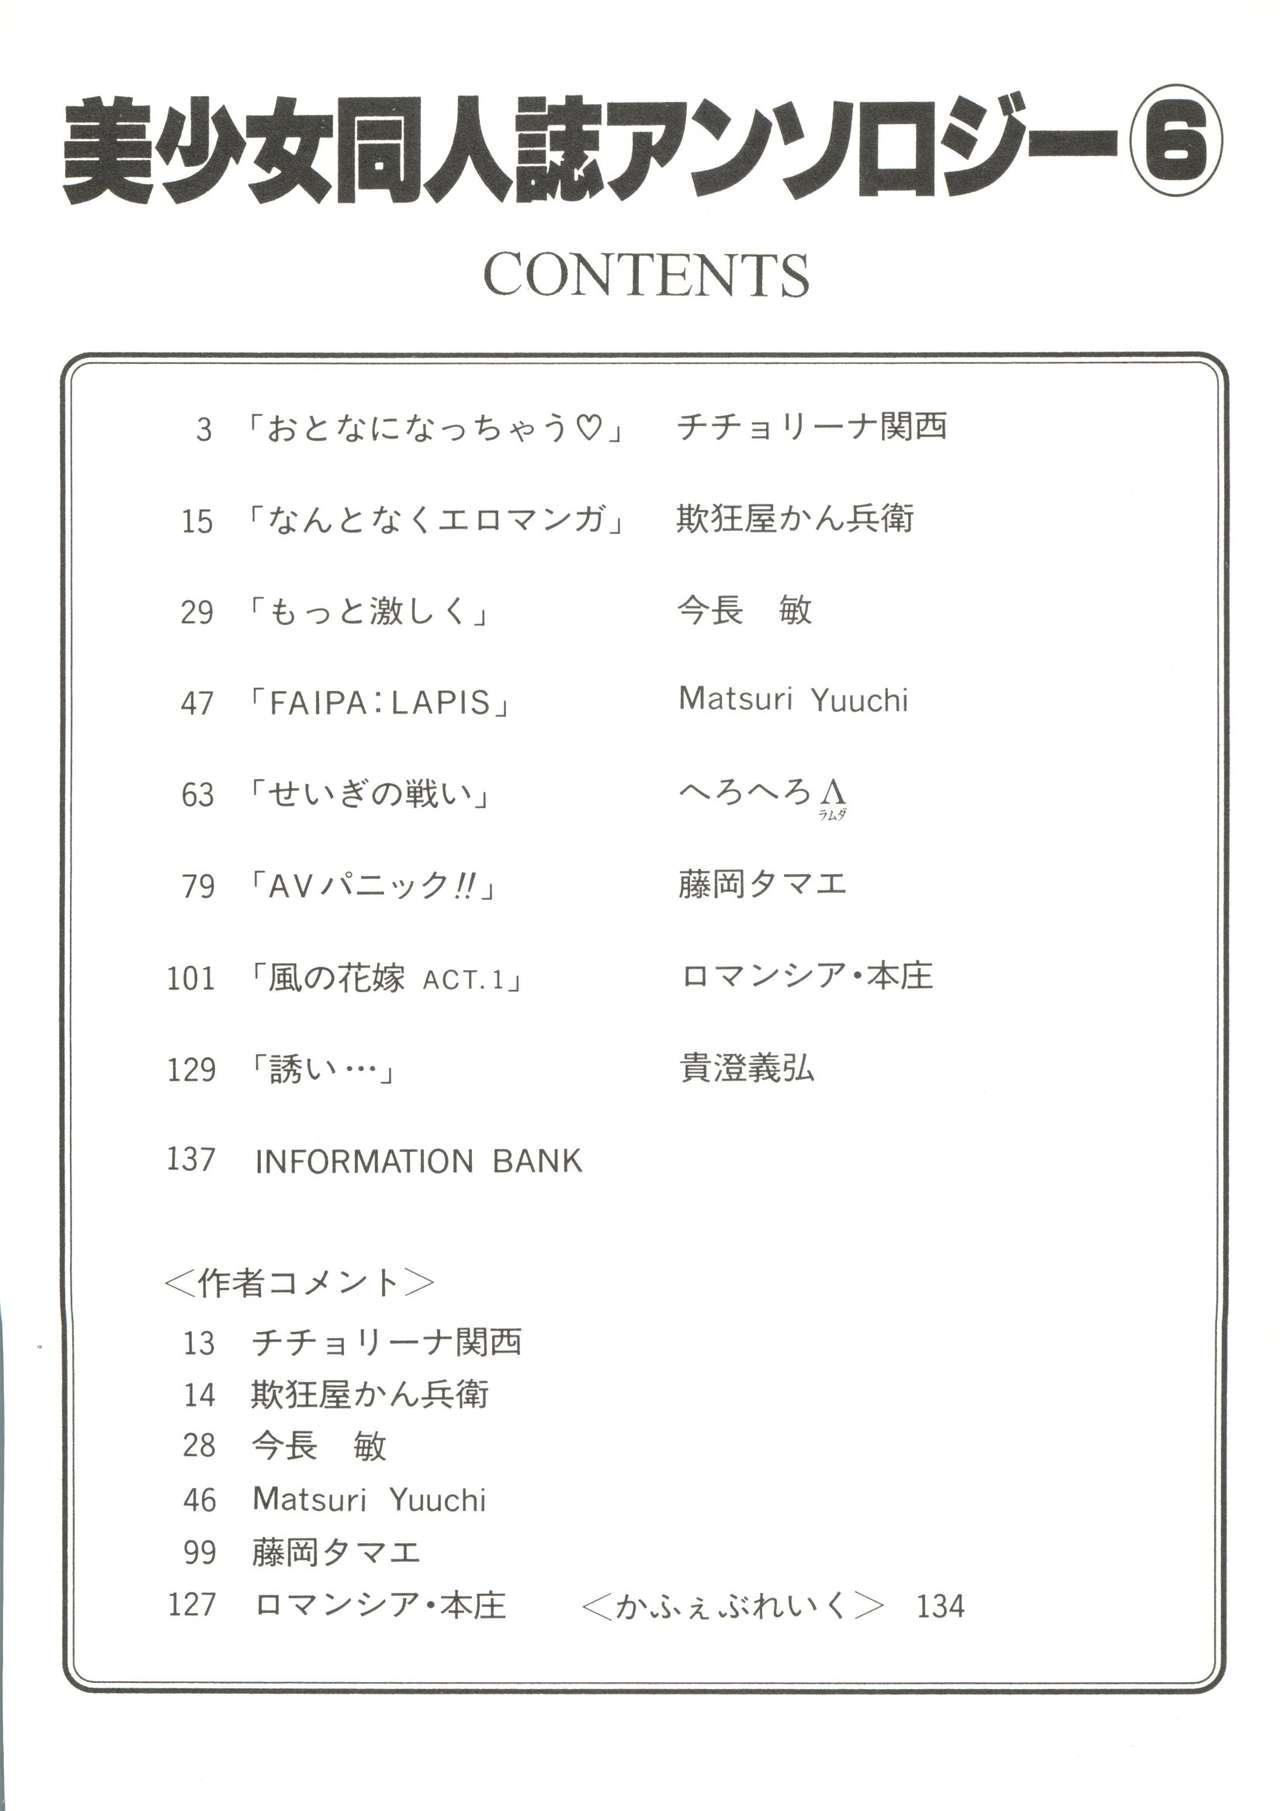 Bishoujo Doujinshi Anthology 6 5